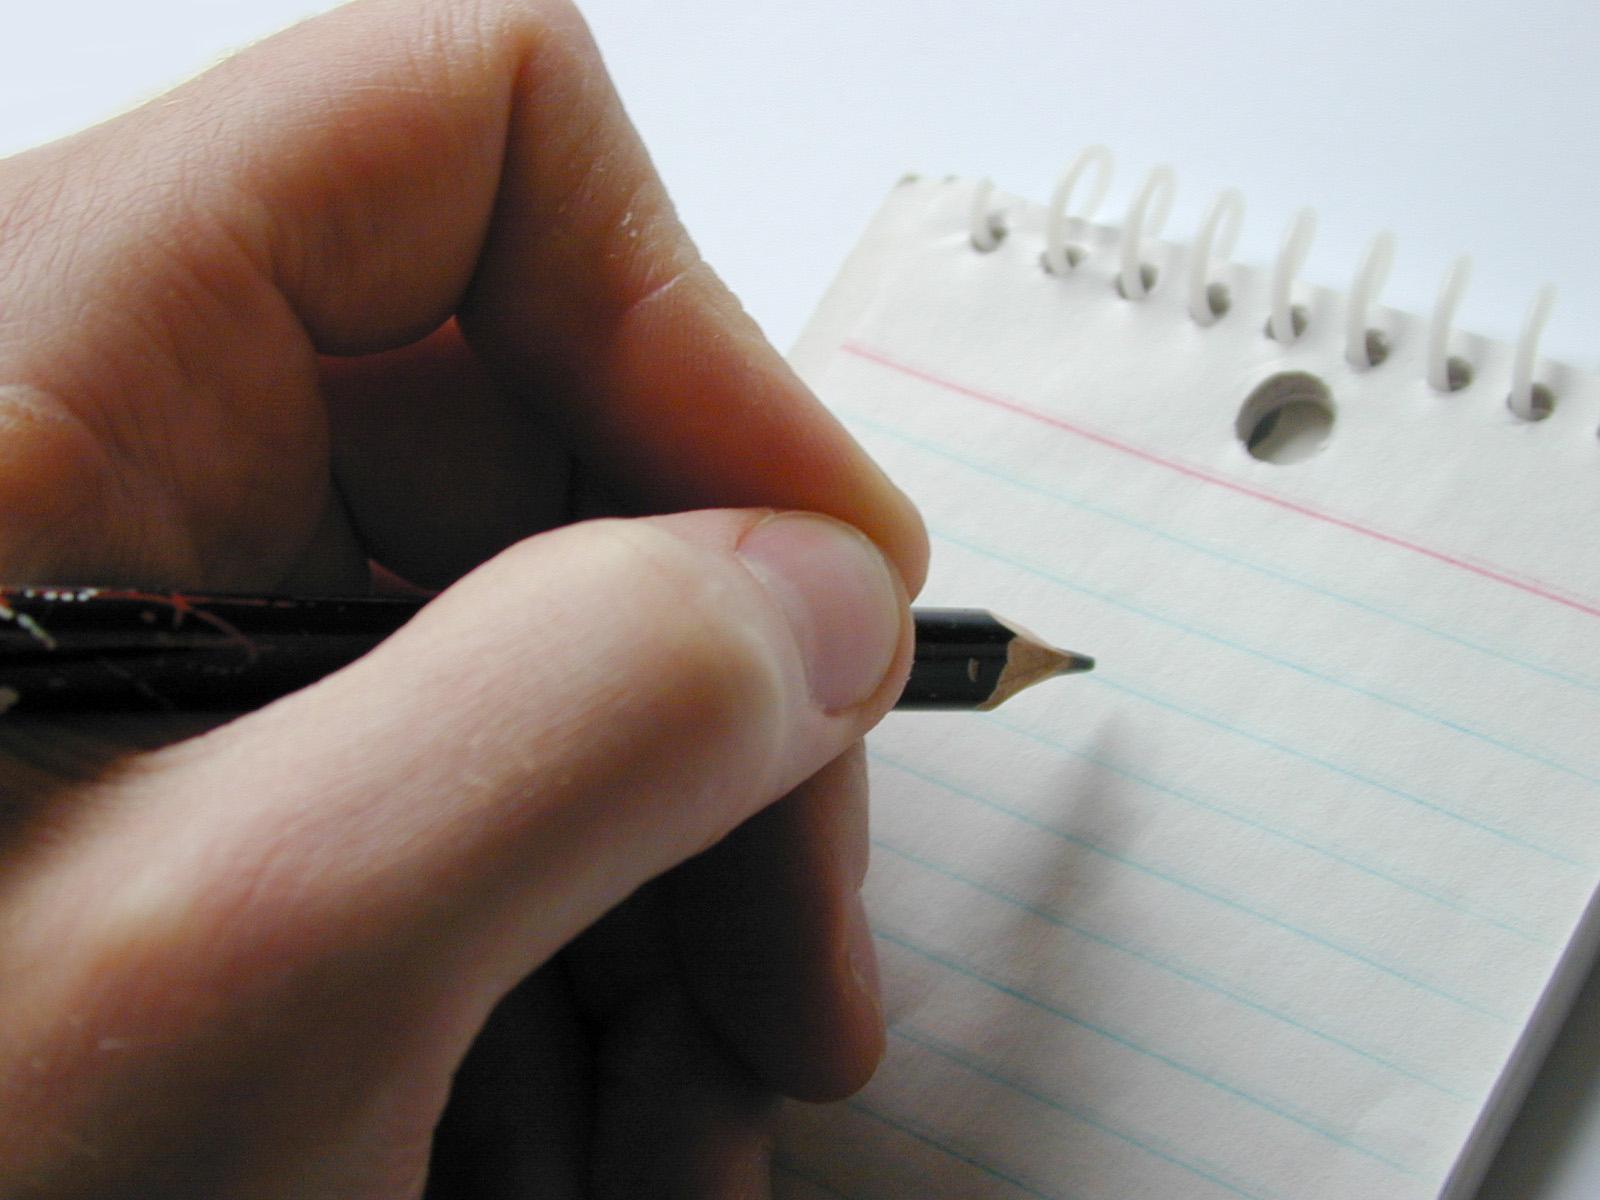 notepadpencil1202